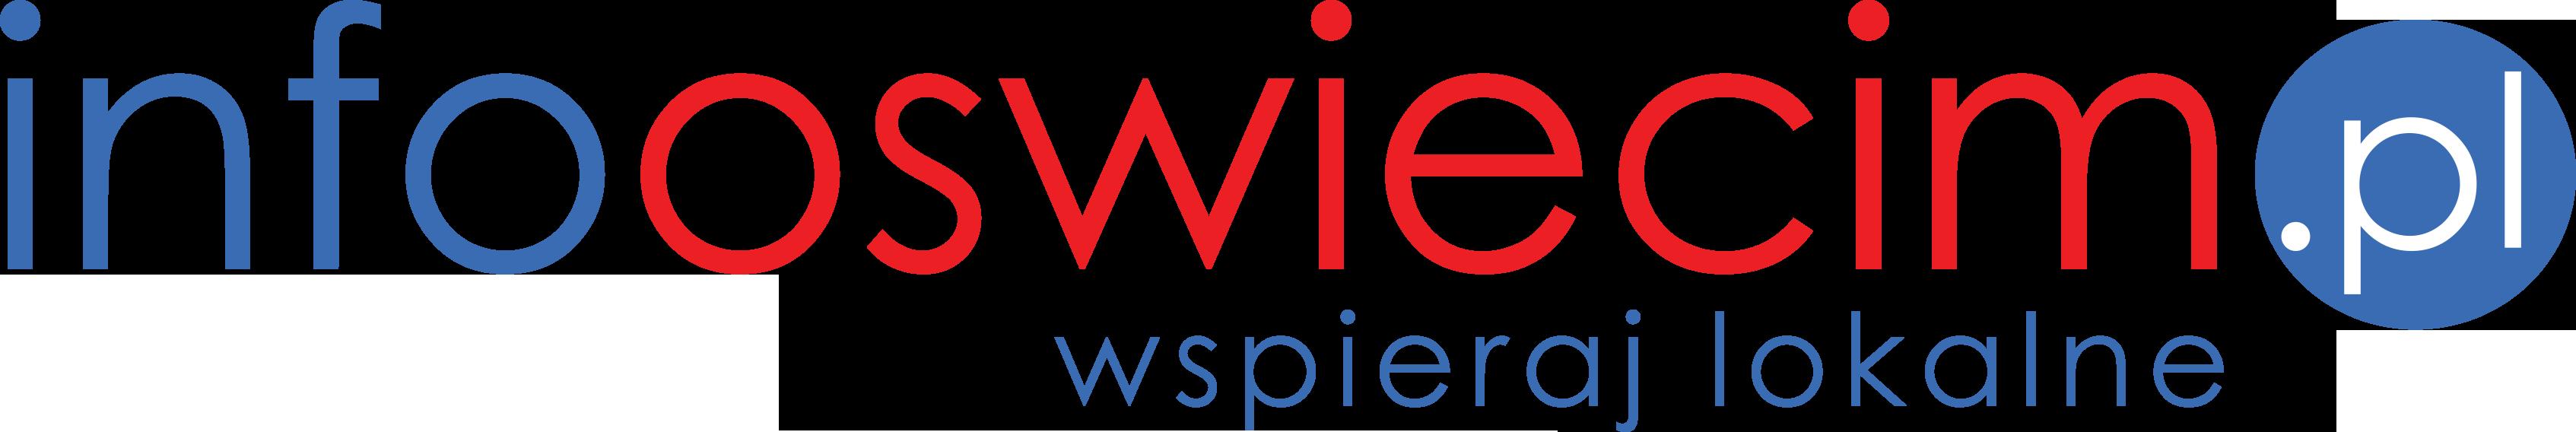 #WspierajLokalne z #InfoOswiecim .pl